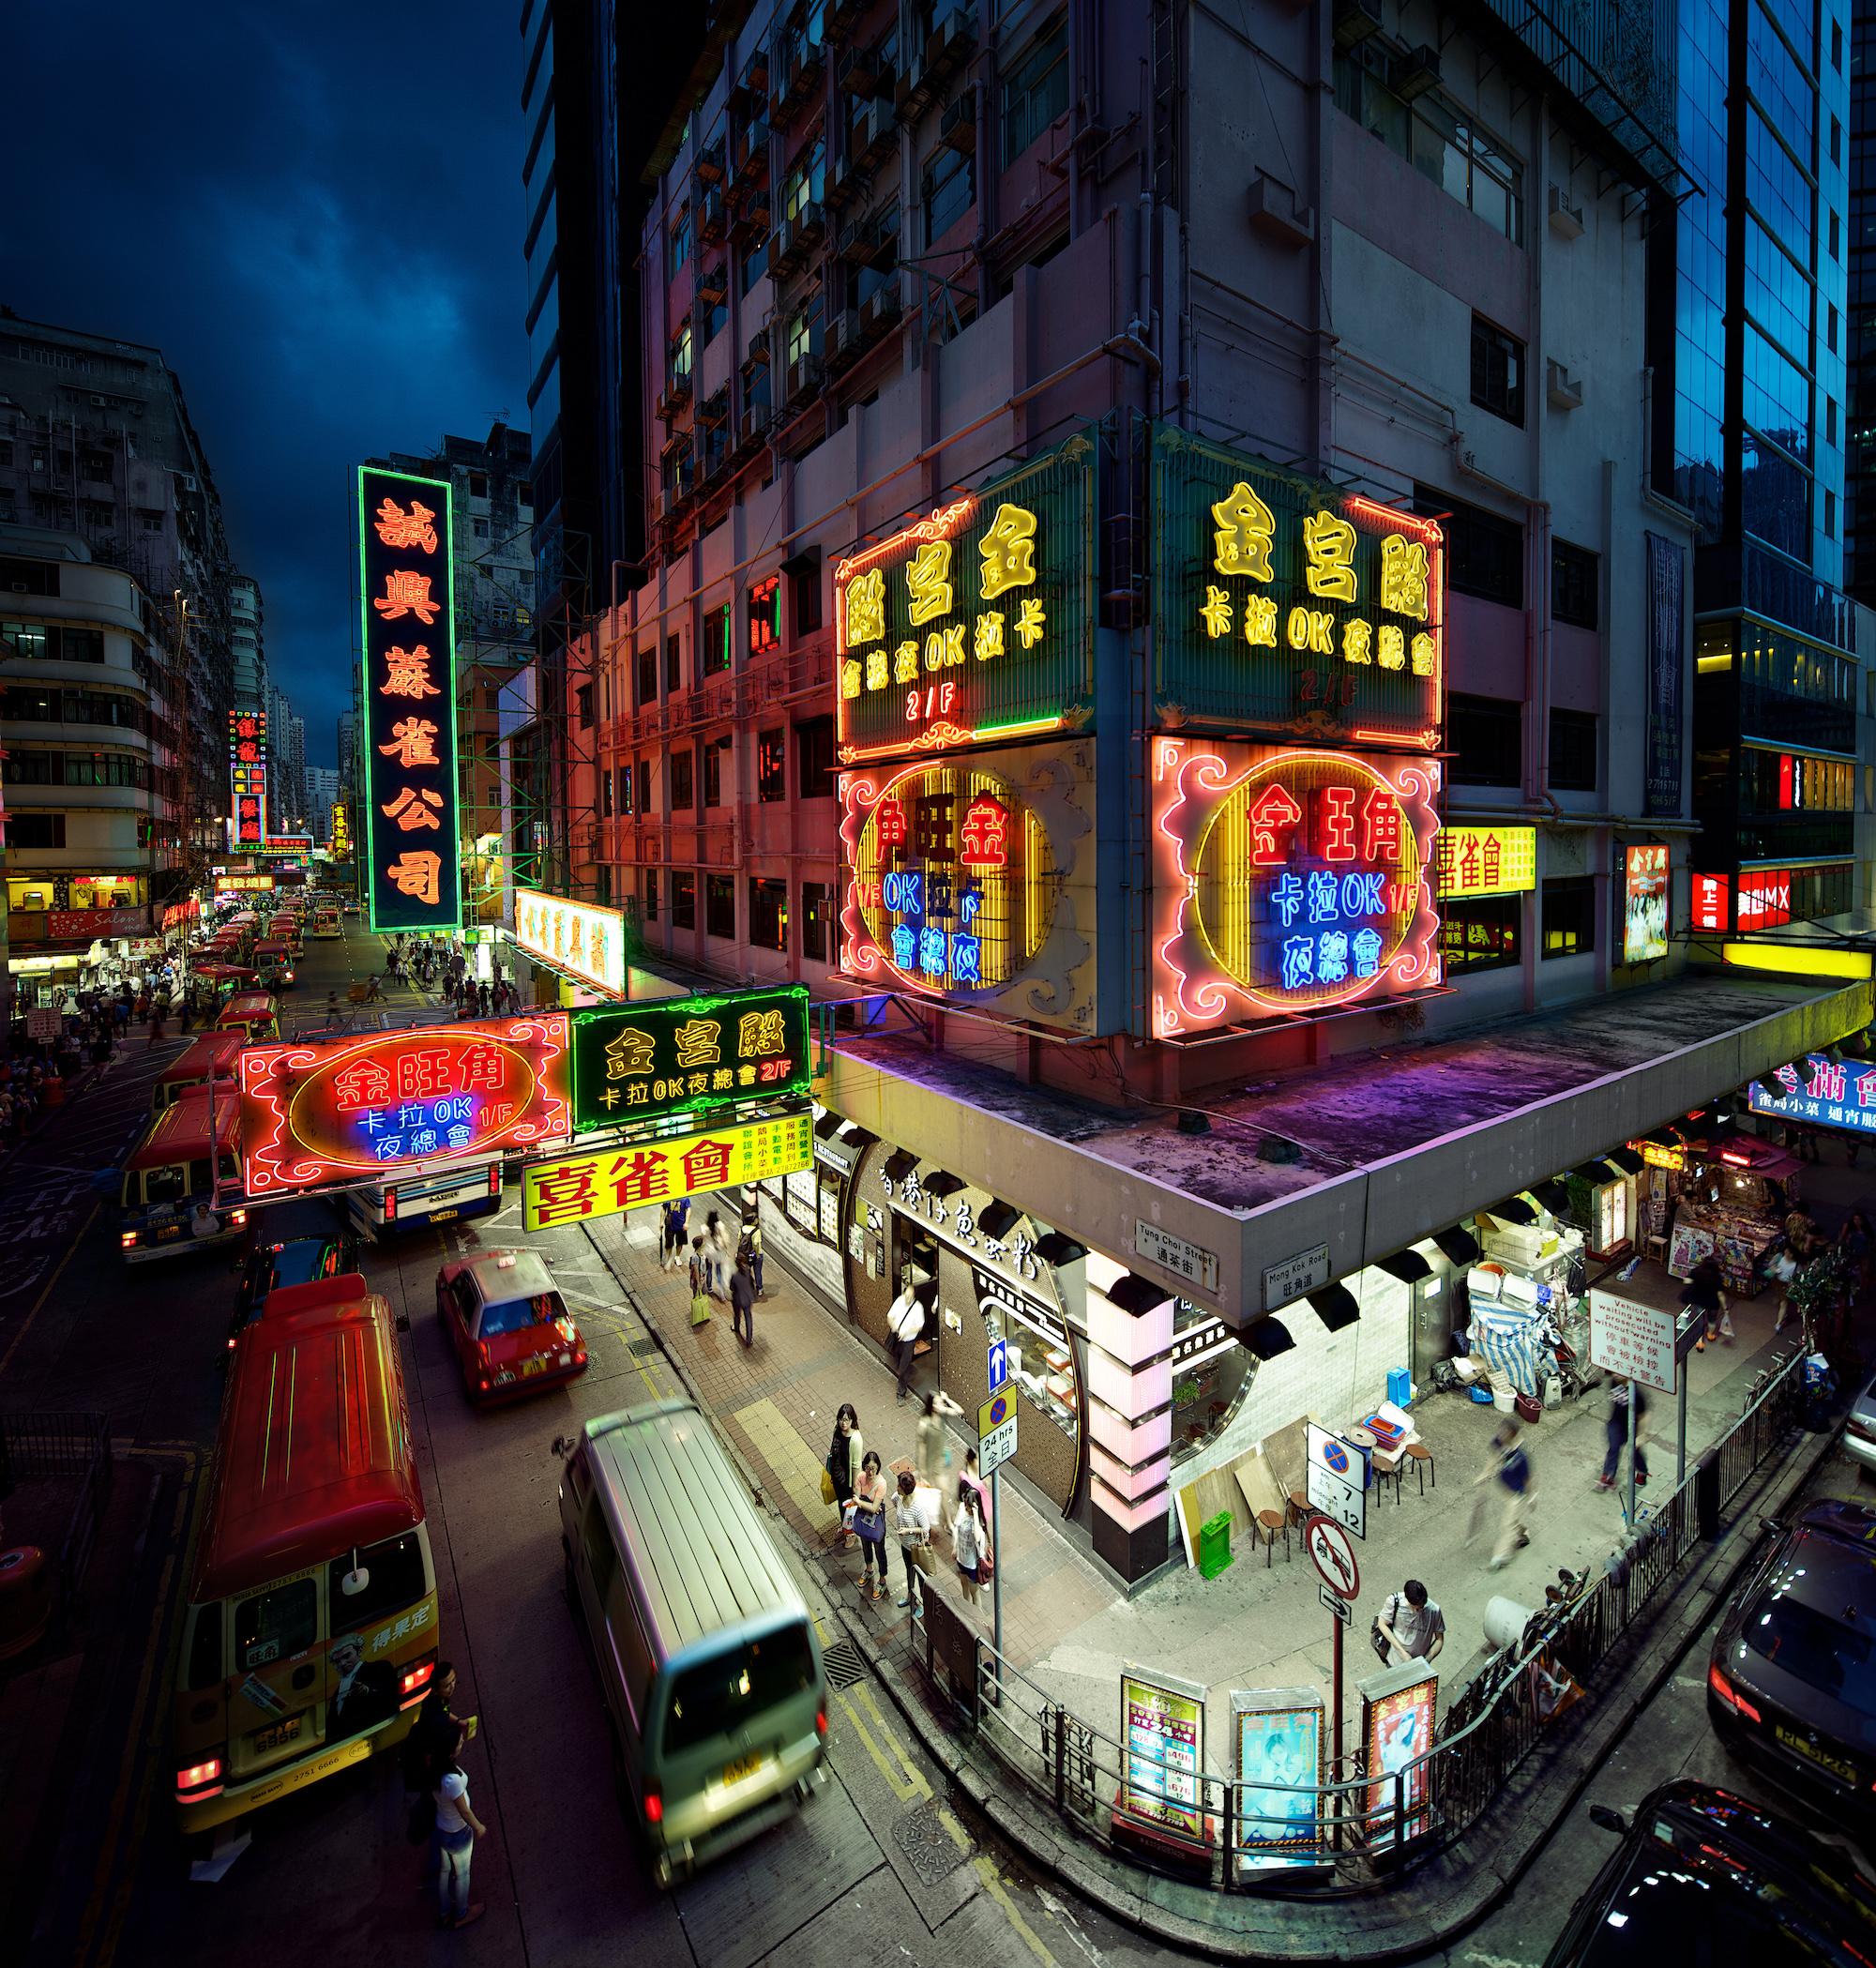 A busy street corner in Mong Kok, Hong Kong.